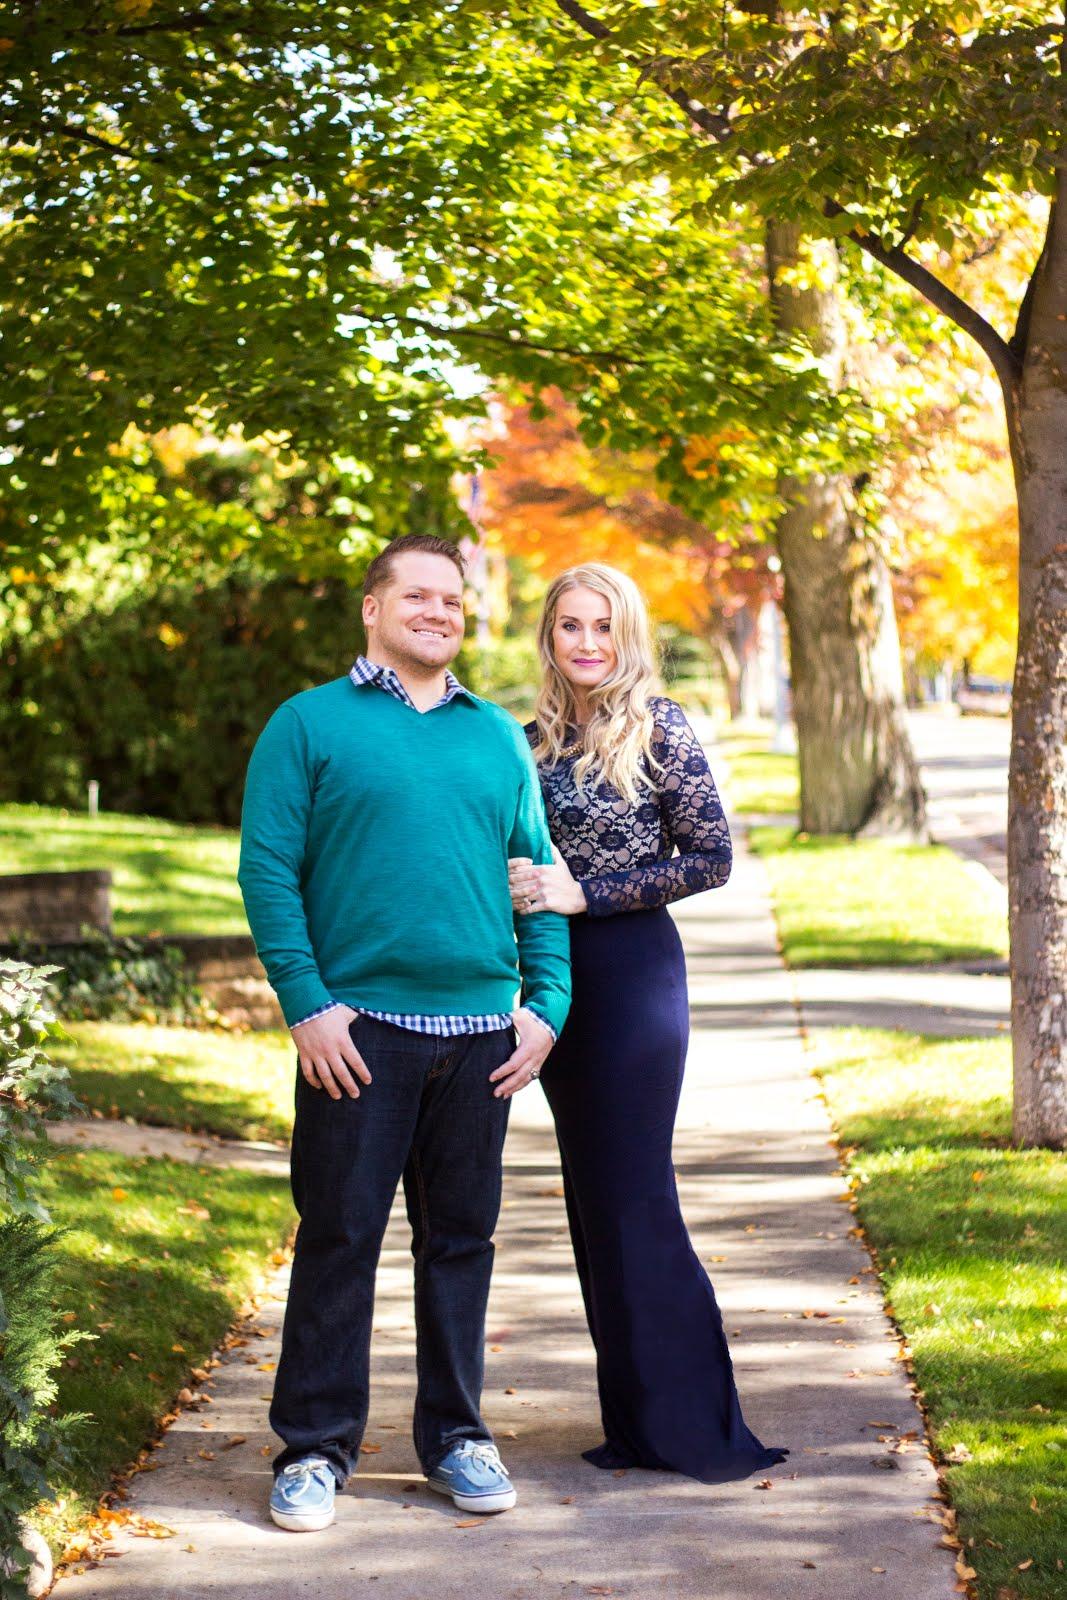 Jilly & Bavid